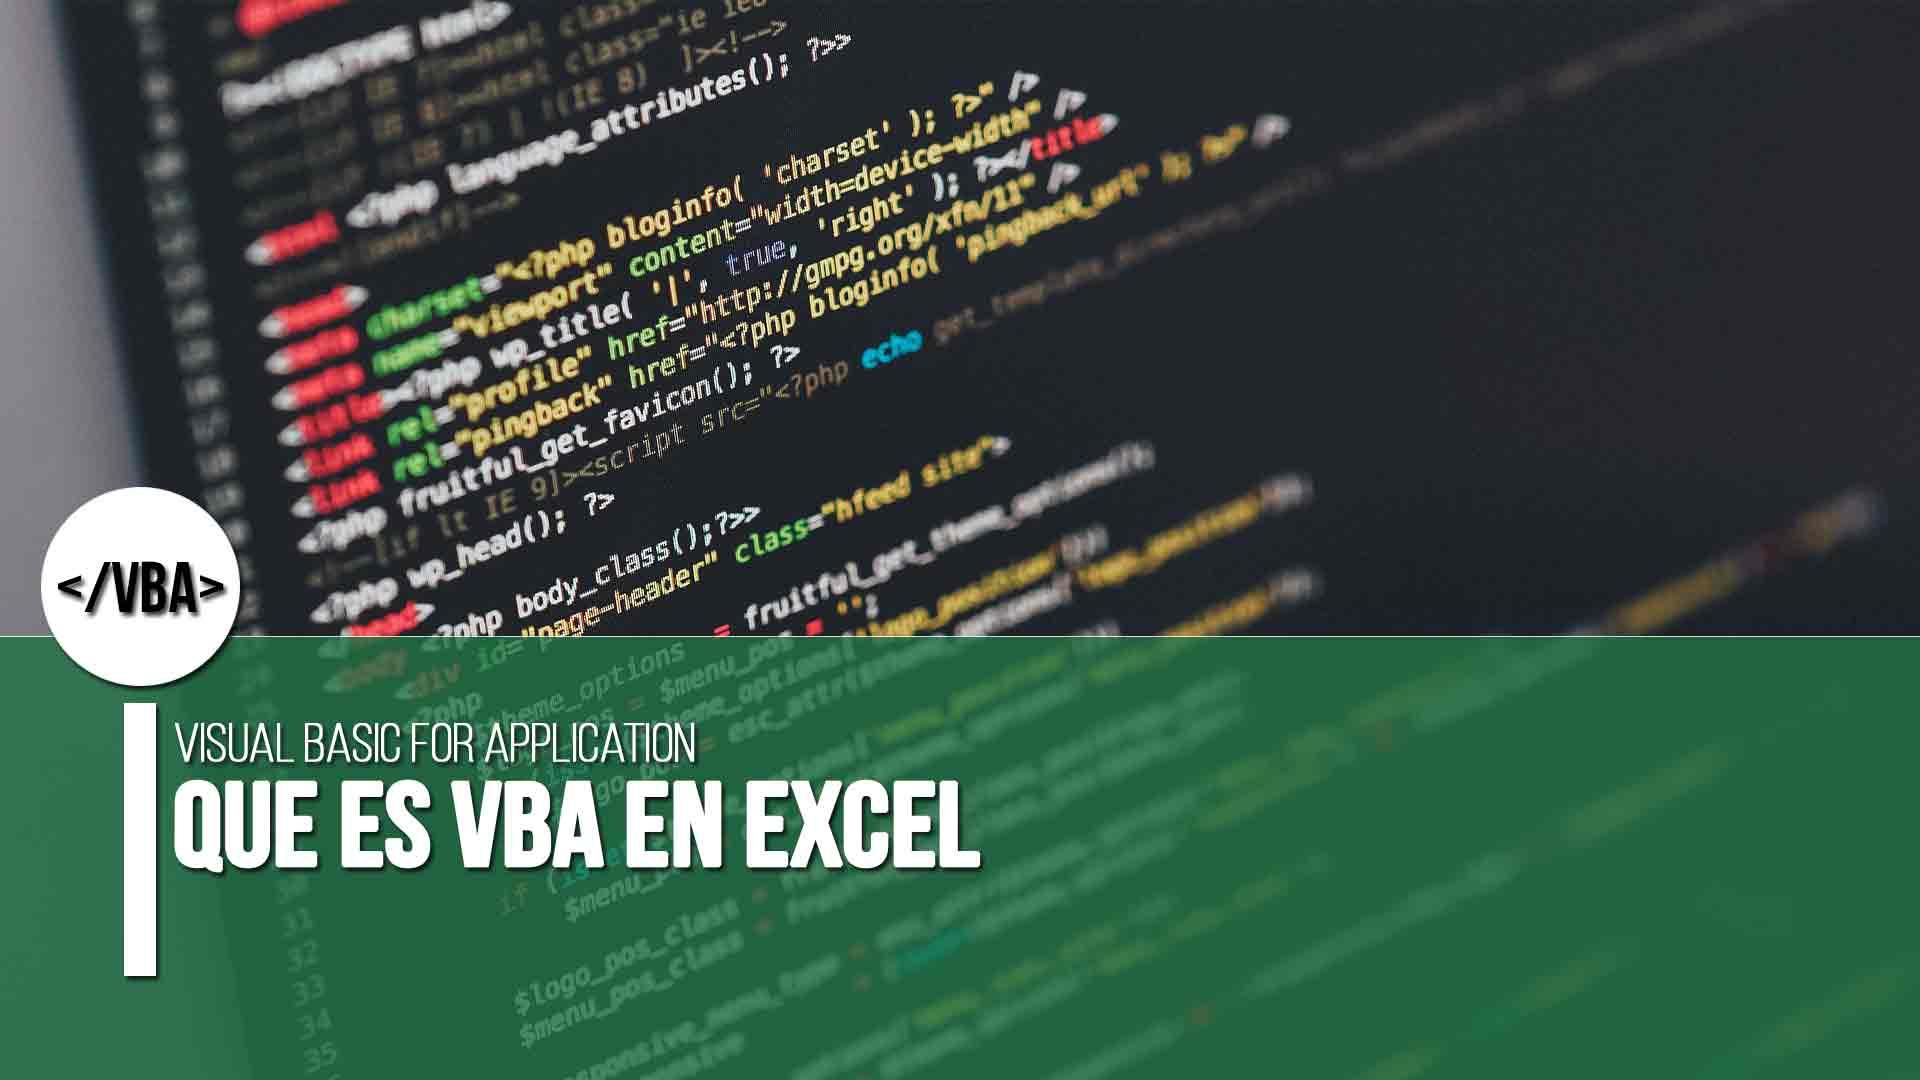 Qué es VBA en Excel